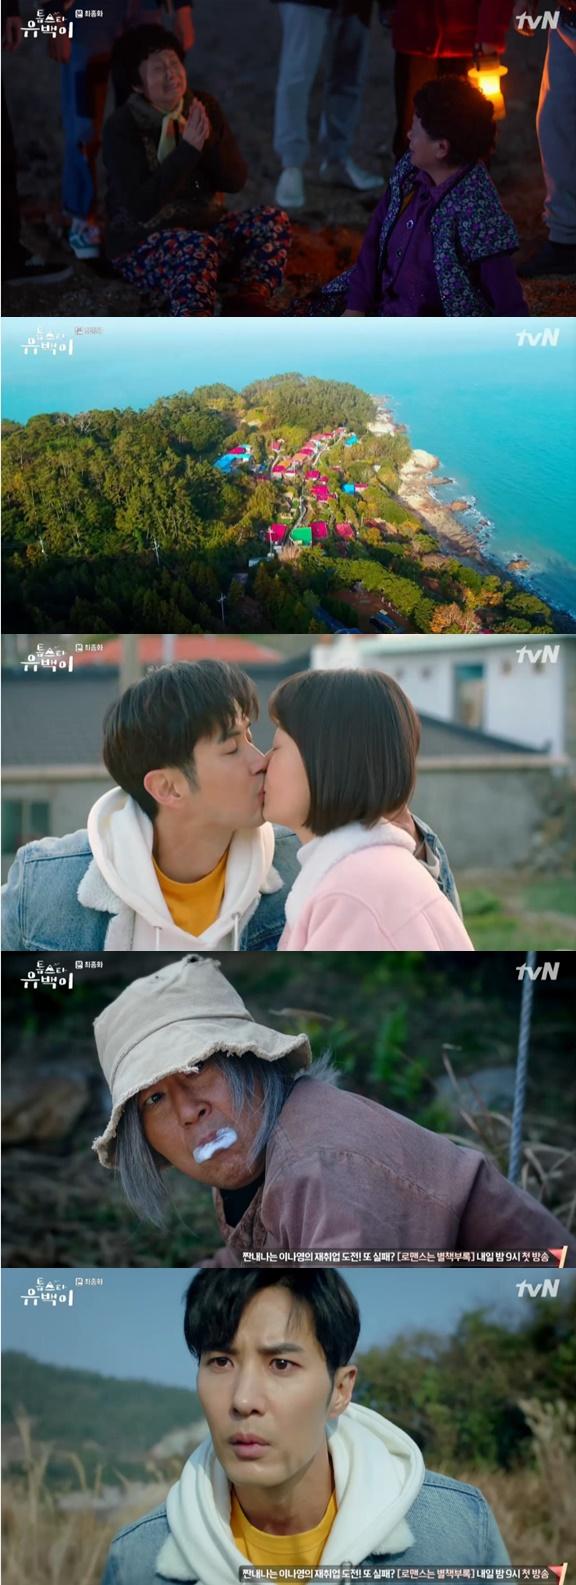 '톱스타 유백이' 김지석♥전소민, '공개연애→결혼' 해피엔딩[★밤TView]